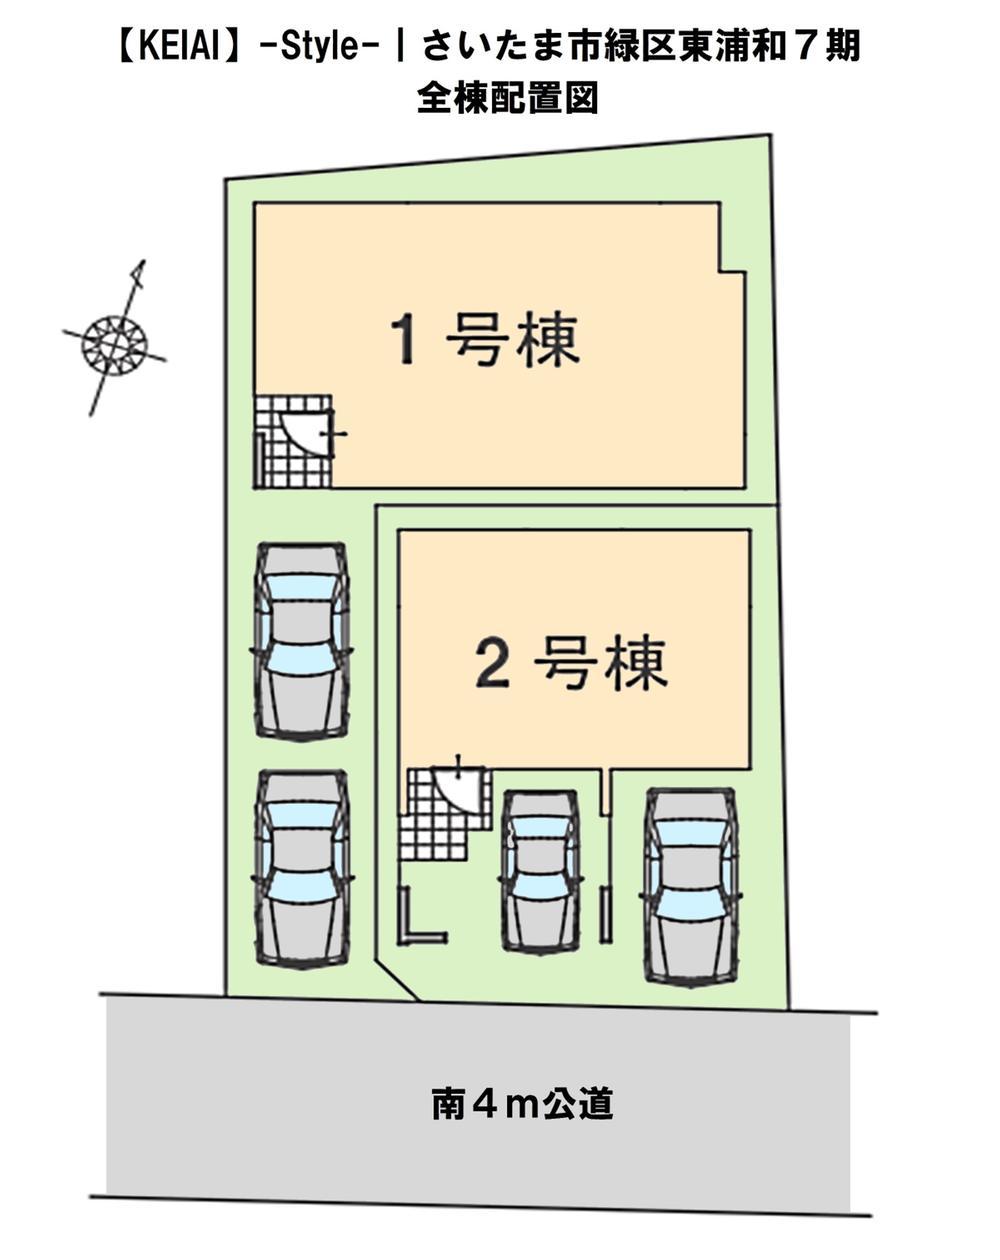 全体区画図【全棟配置図】  全2棟!車通りの少ない快適な住宅地です♪  駐車スペースは、2台分確保しています。